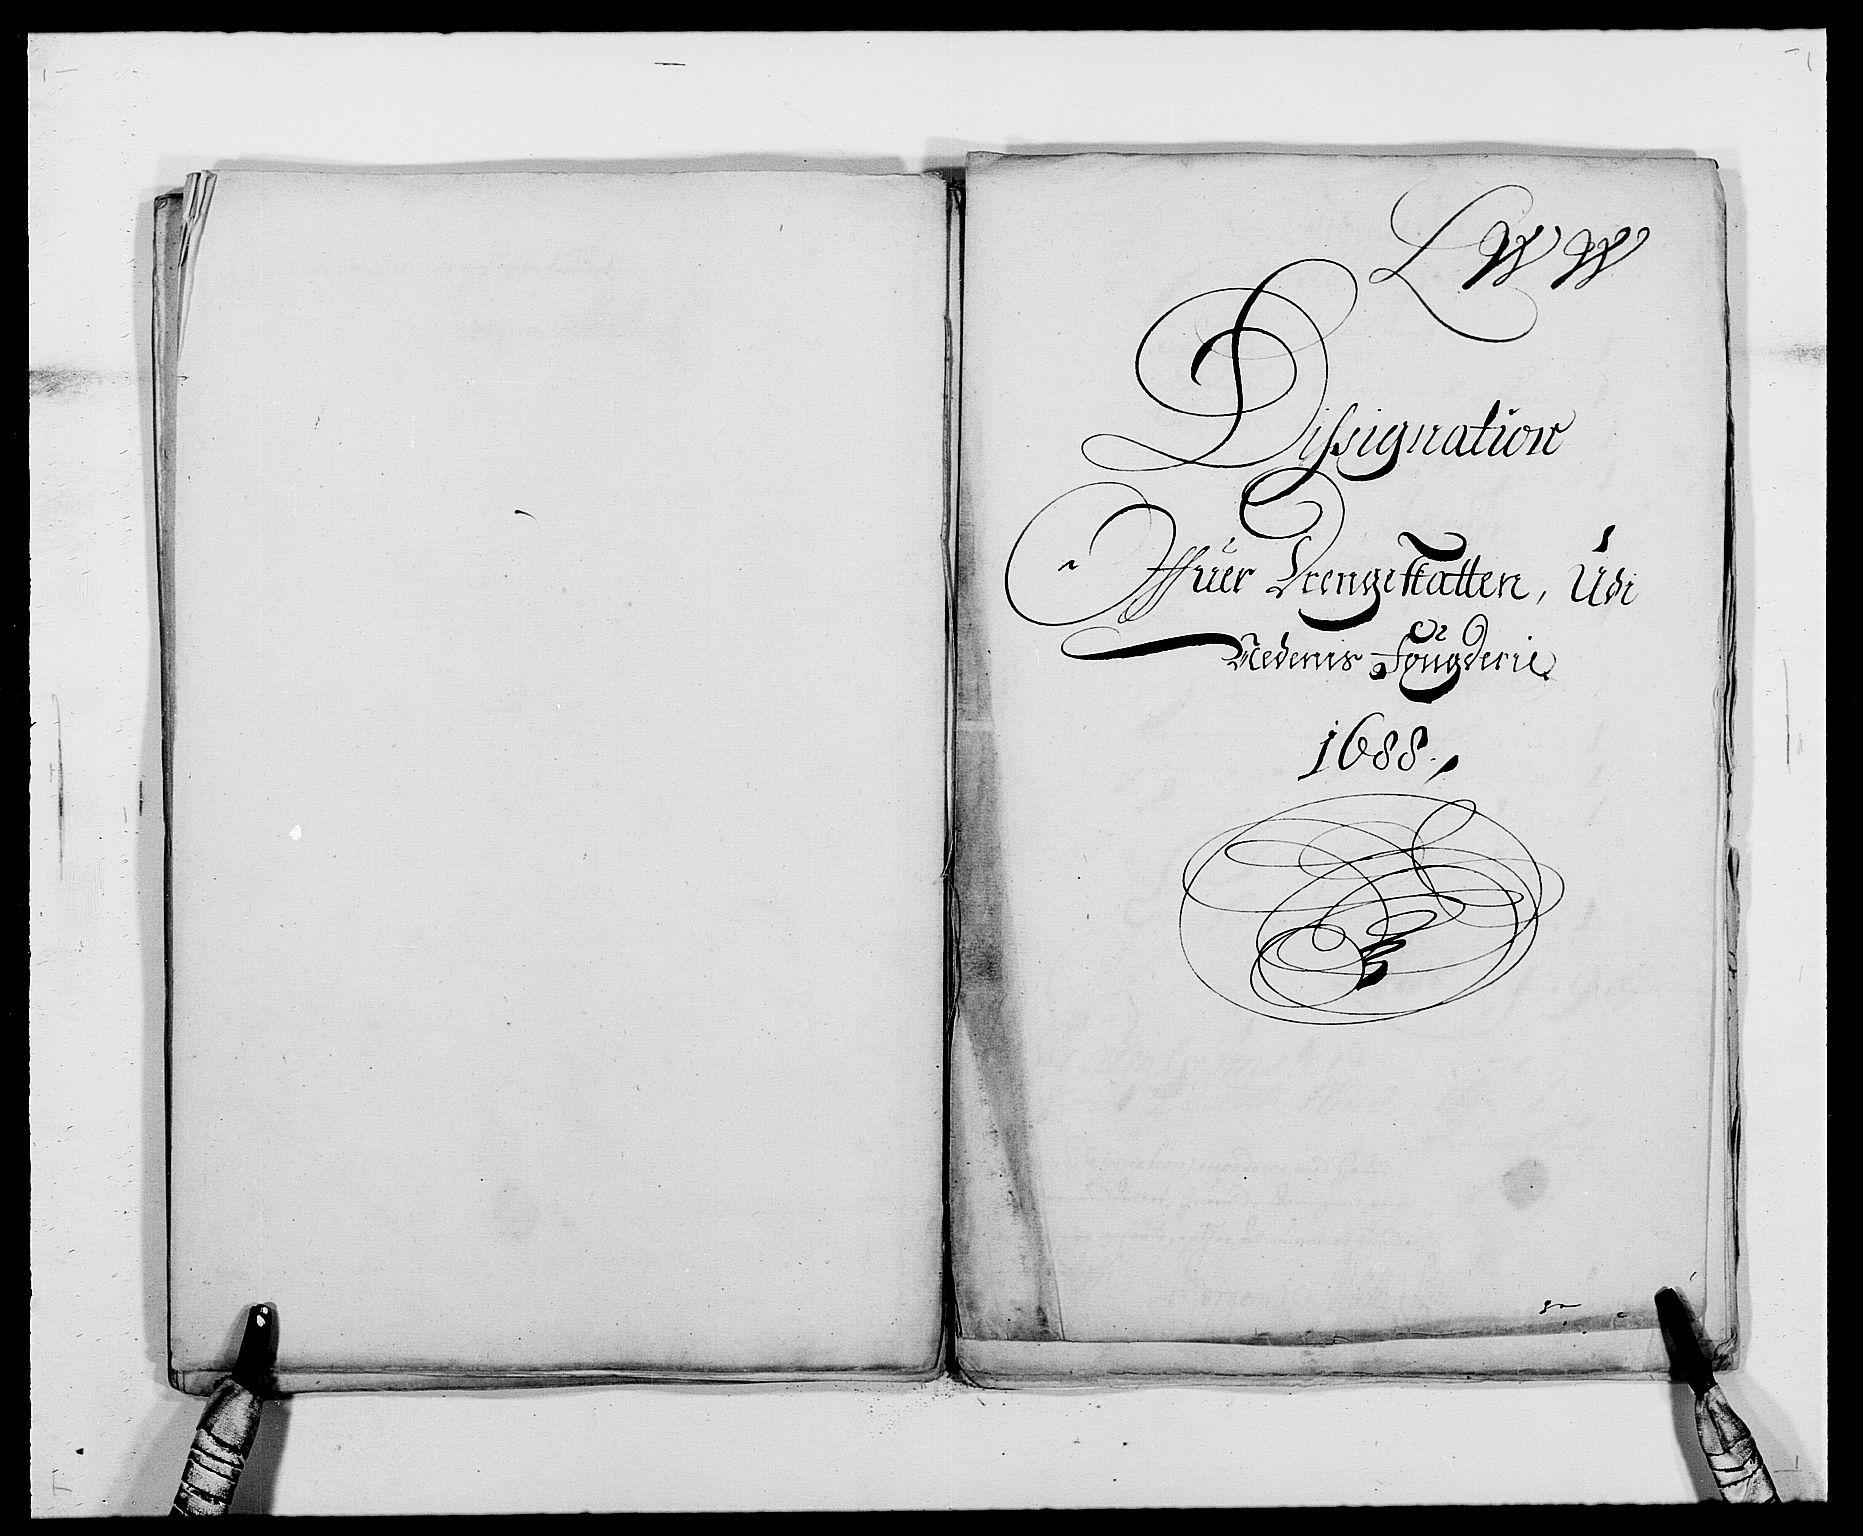 RA, Rentekammeret inntil 1814, Reviderte regnskaper, Fogderegnskap, R39/L2309: Fogderegnskap Nedenes, 1684-1689, s. 231